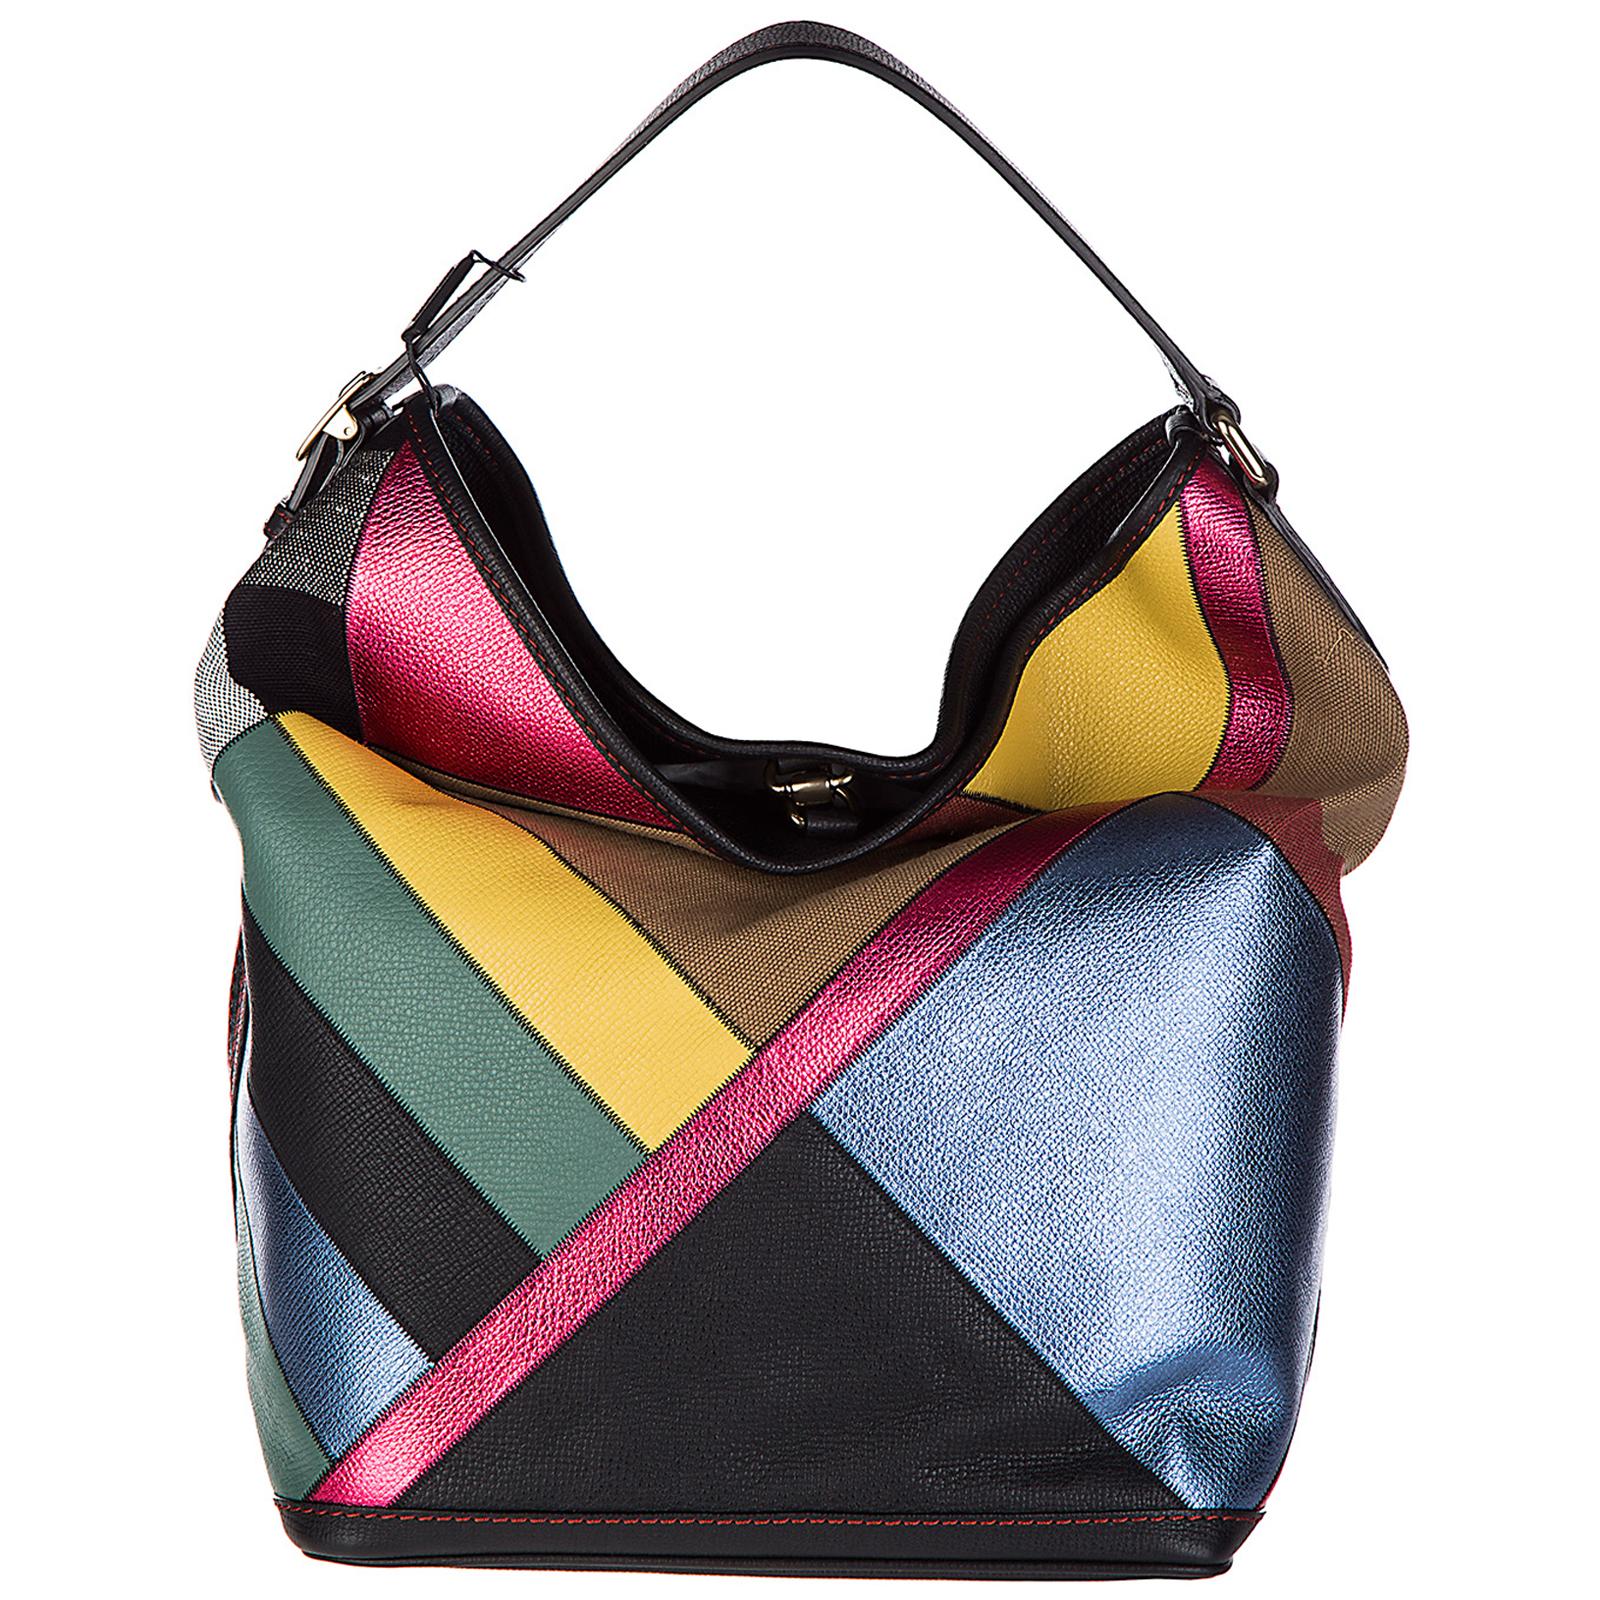 Borsa donna a mano shopping ashby canvas check patchwork